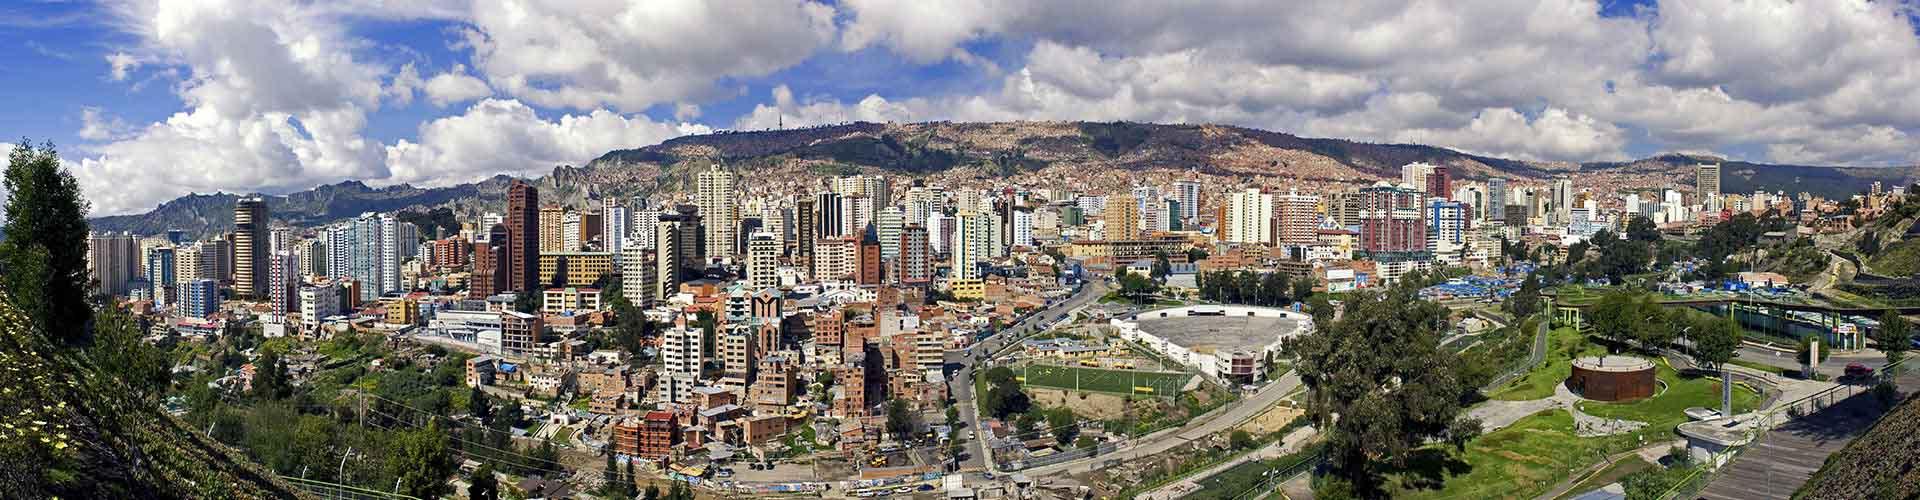 La Paz - Hoteles baratos en La Paz. Mapas de La Paz, Fotos y comentarios de cada Hotel en La Paz.